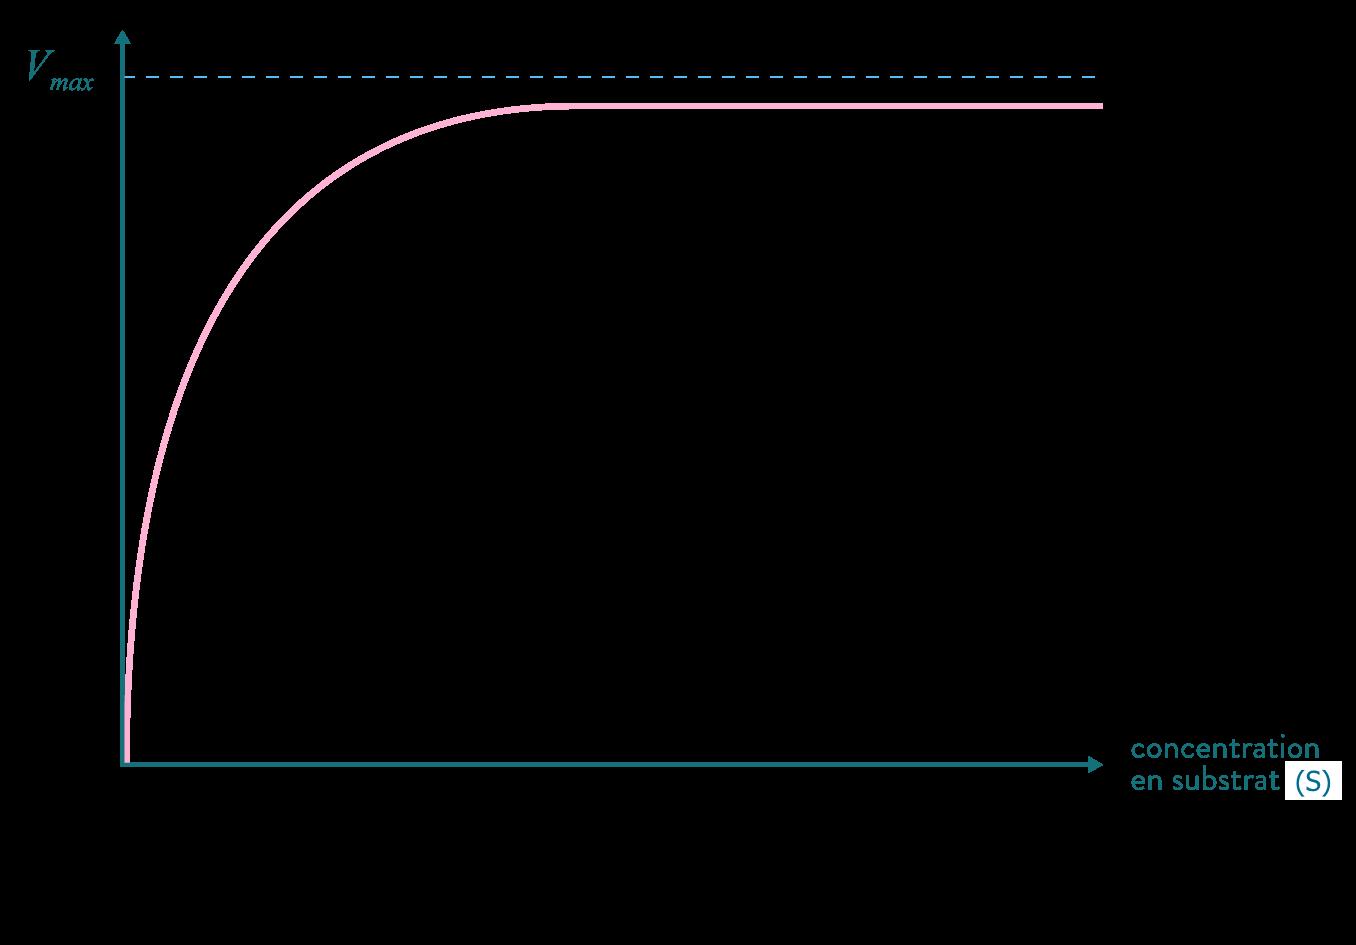 réaction enzymatique Vmax substrat